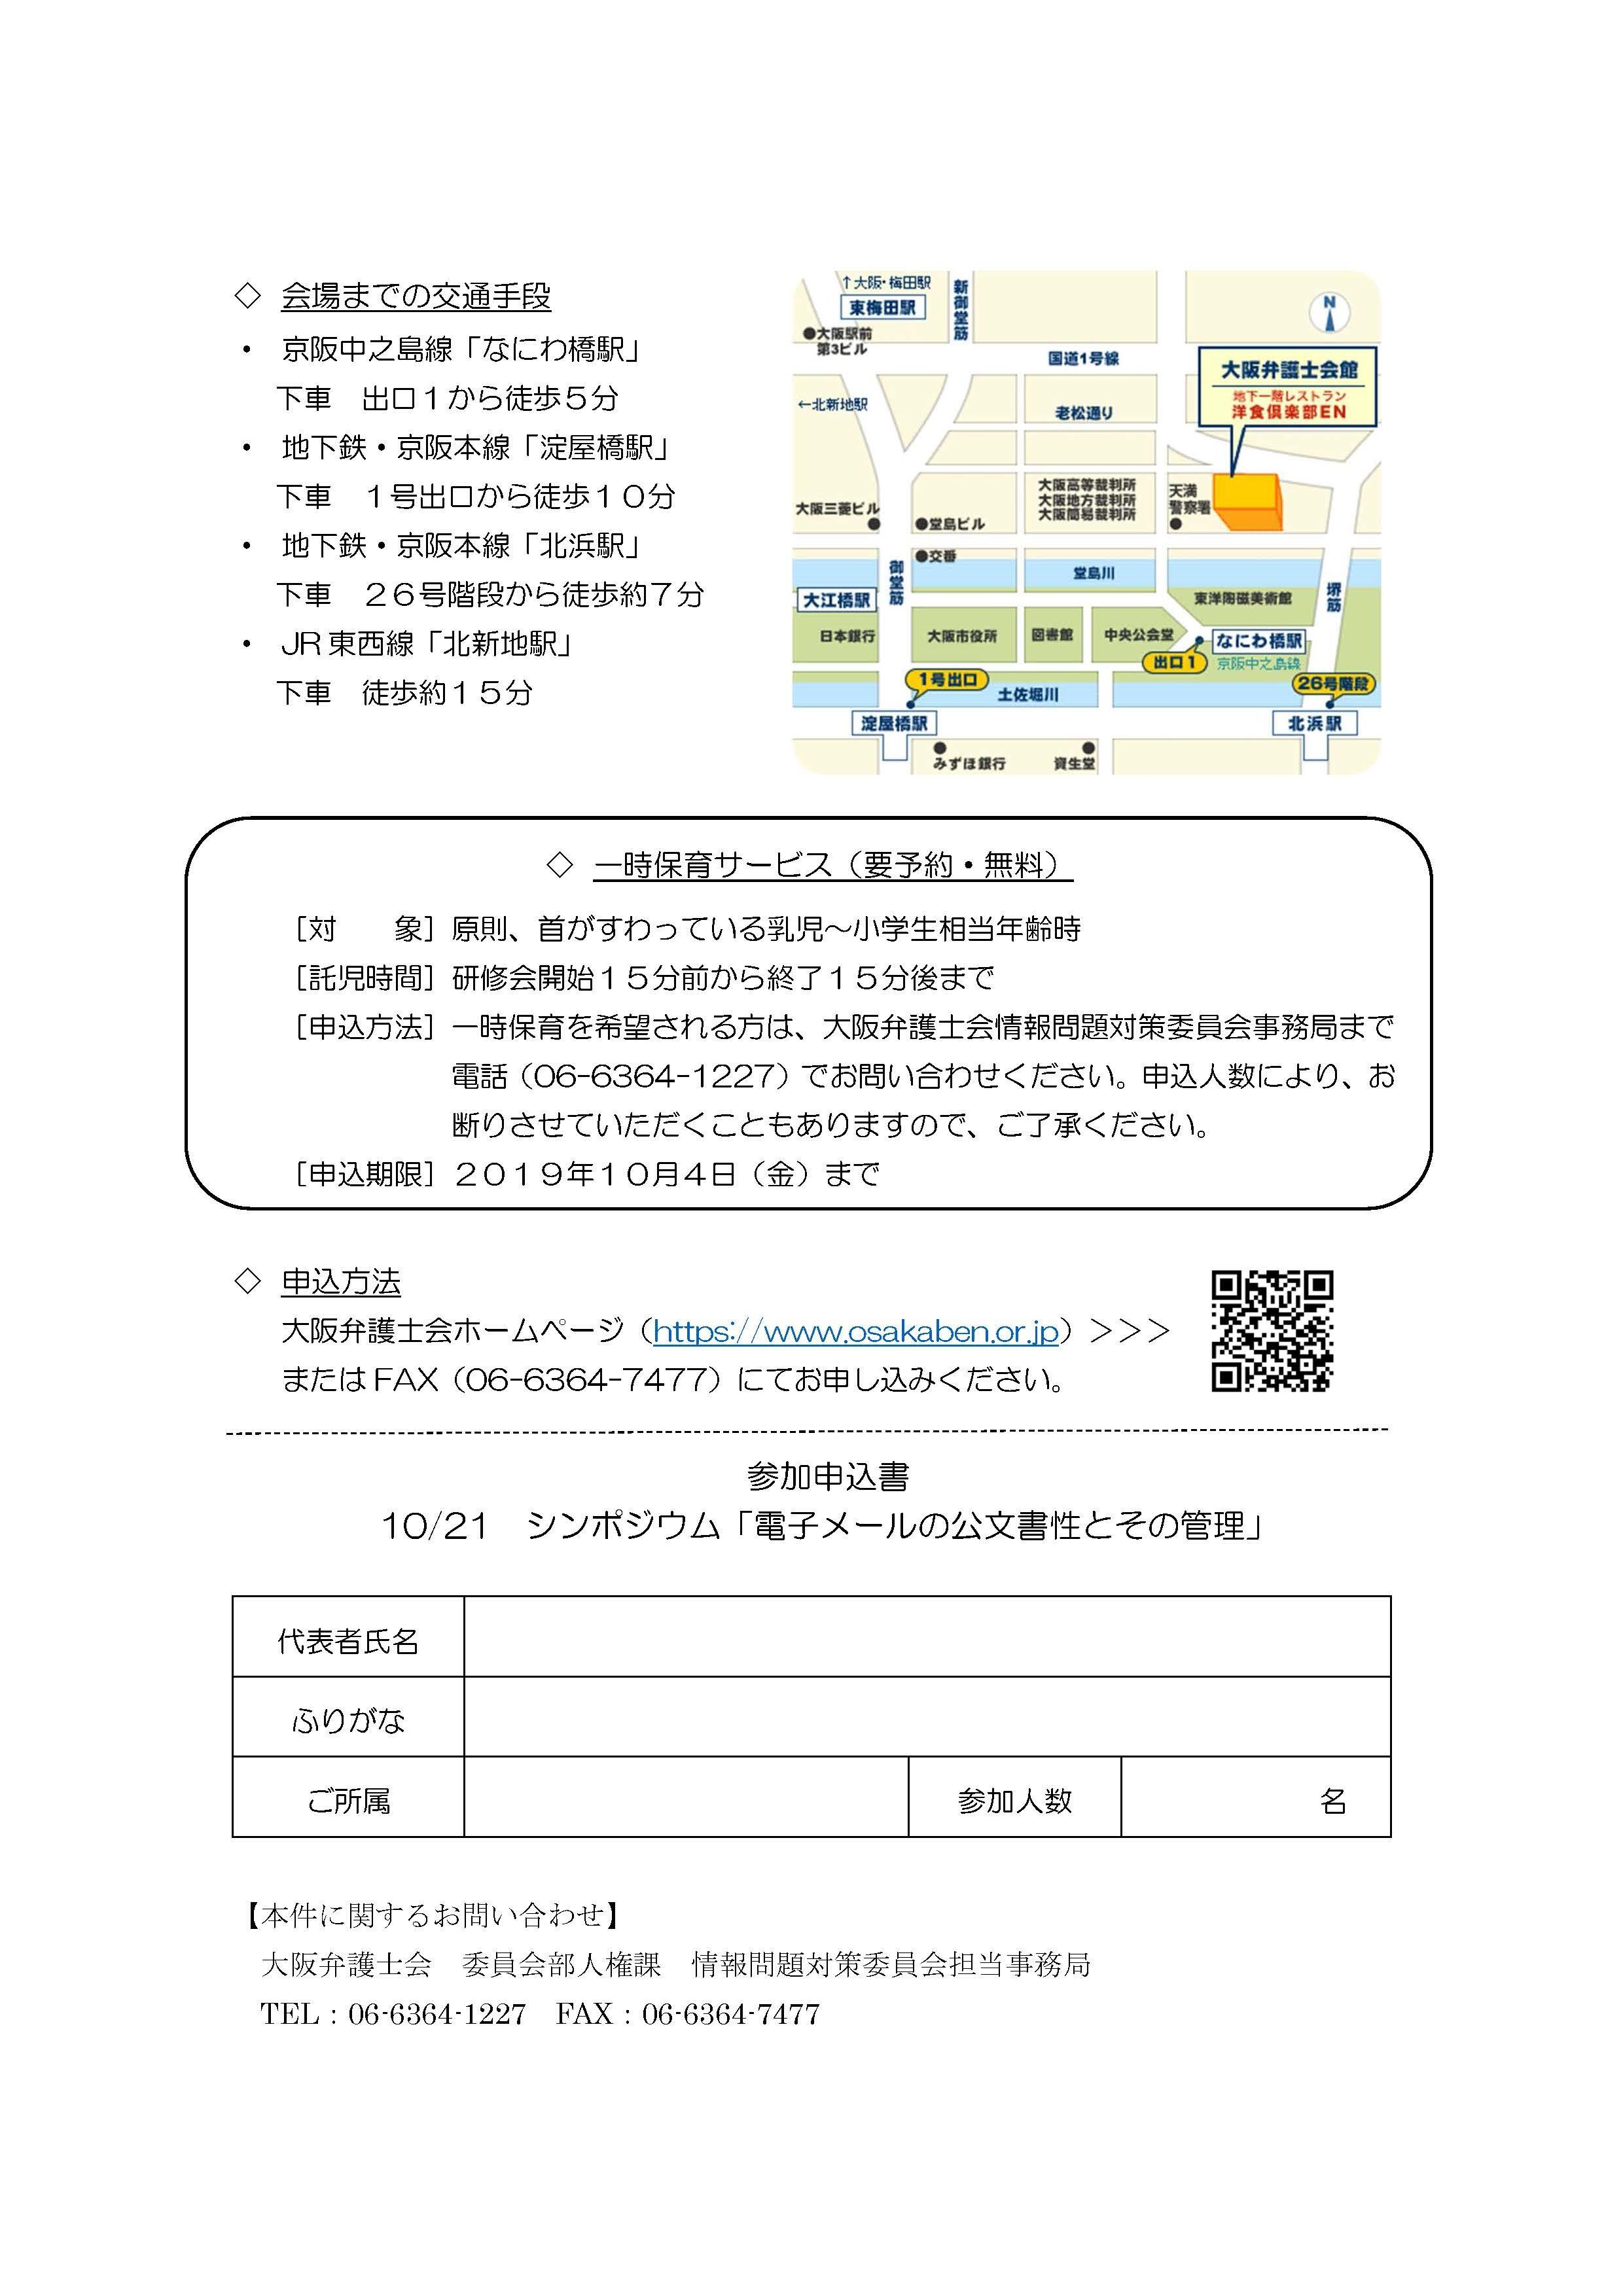 19/10/21(月)13時~大阪弁護士会主催シンポ「電子メールの公文書性とその管理」_d0011701_23314147.jpg